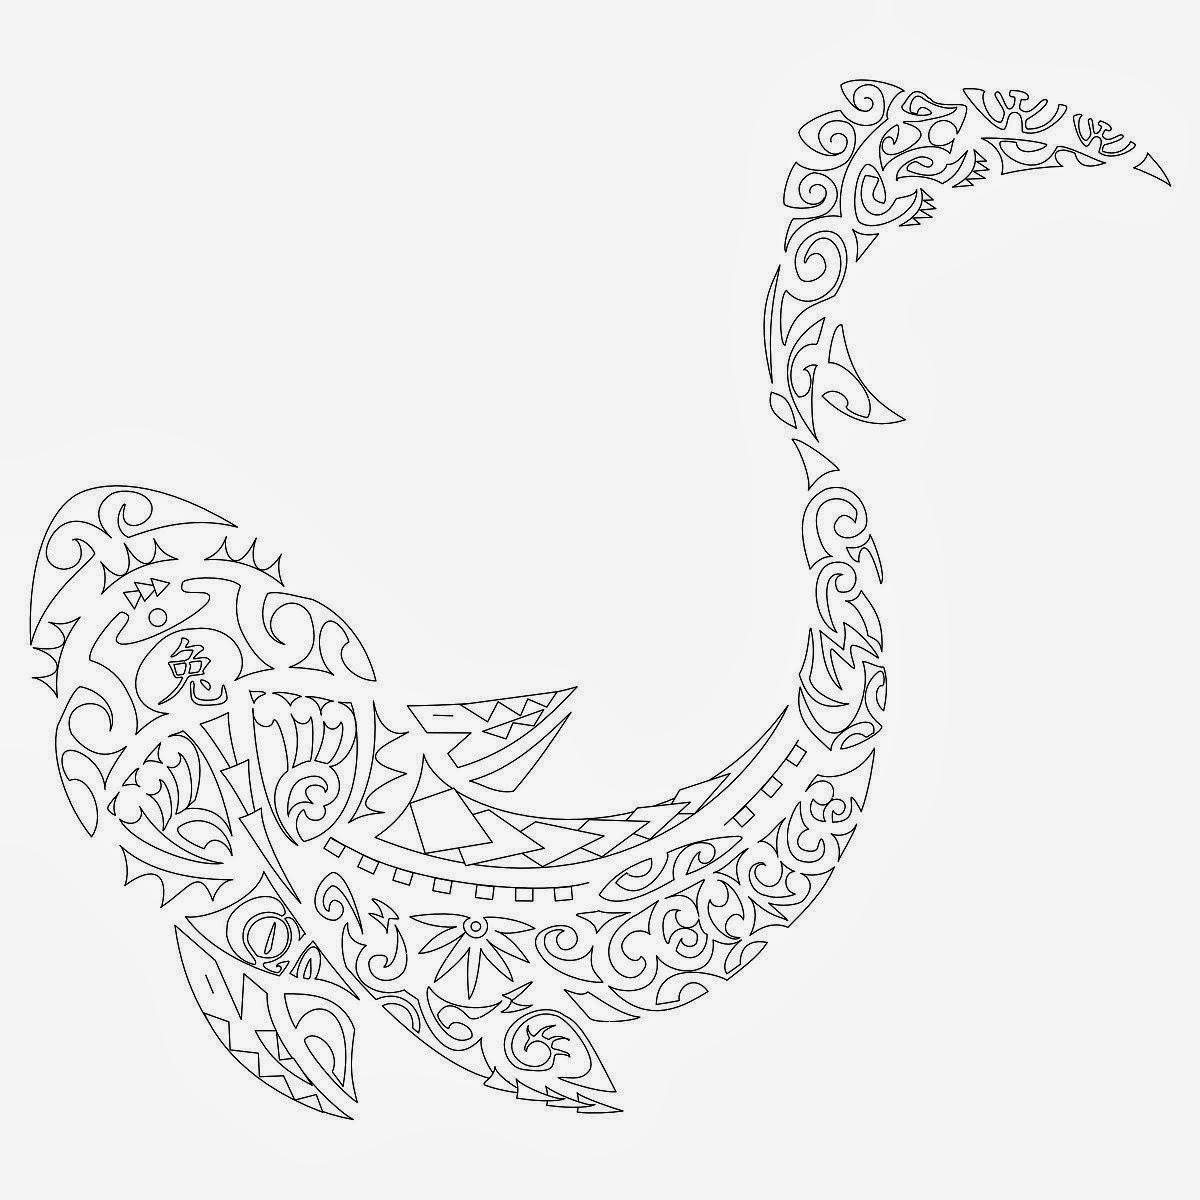 Shark Maori tattoo stencil